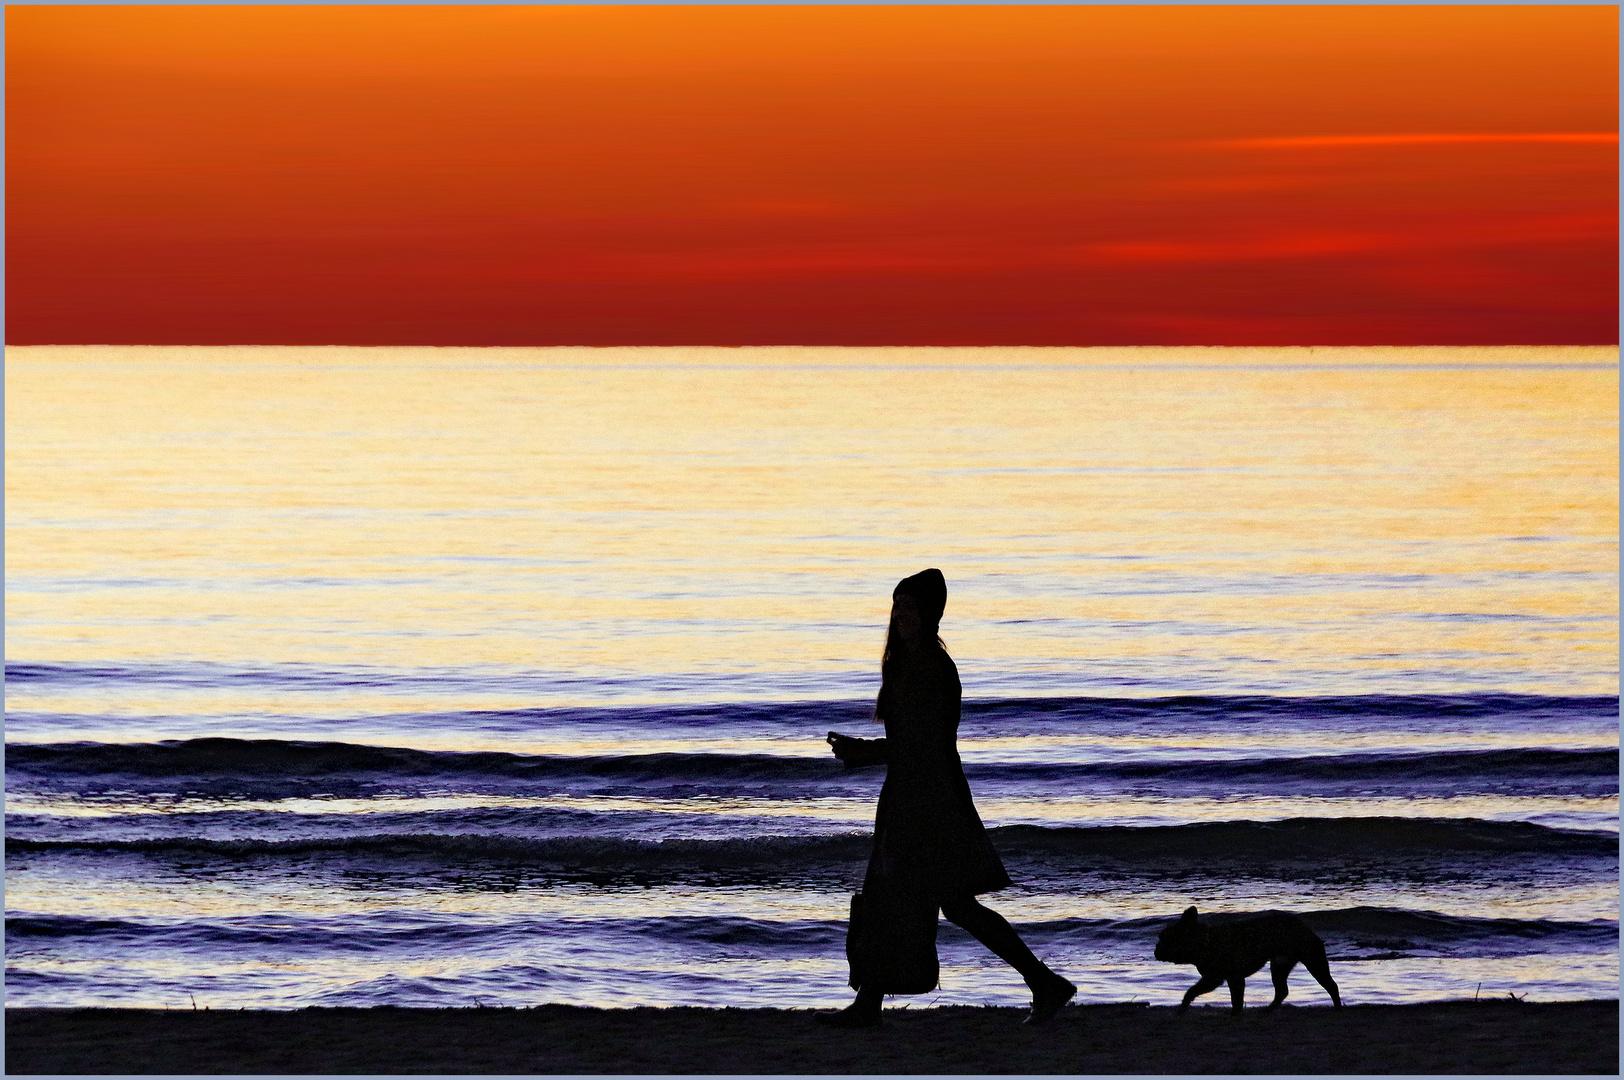 promener son chien ......au couchant